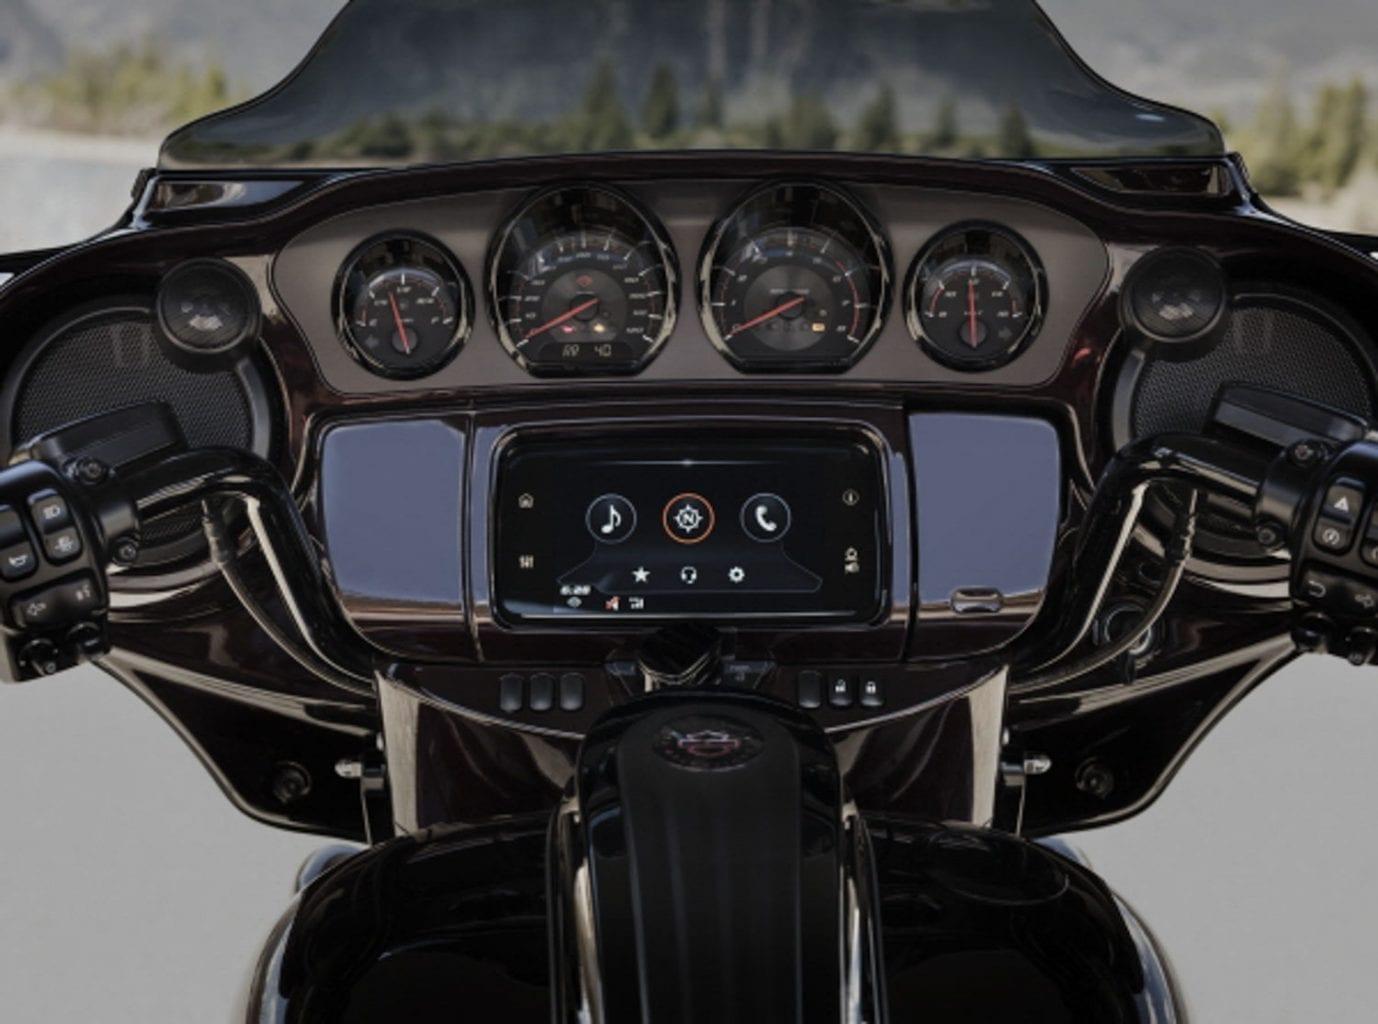 Harley Davidson Street Glide CVO 2019